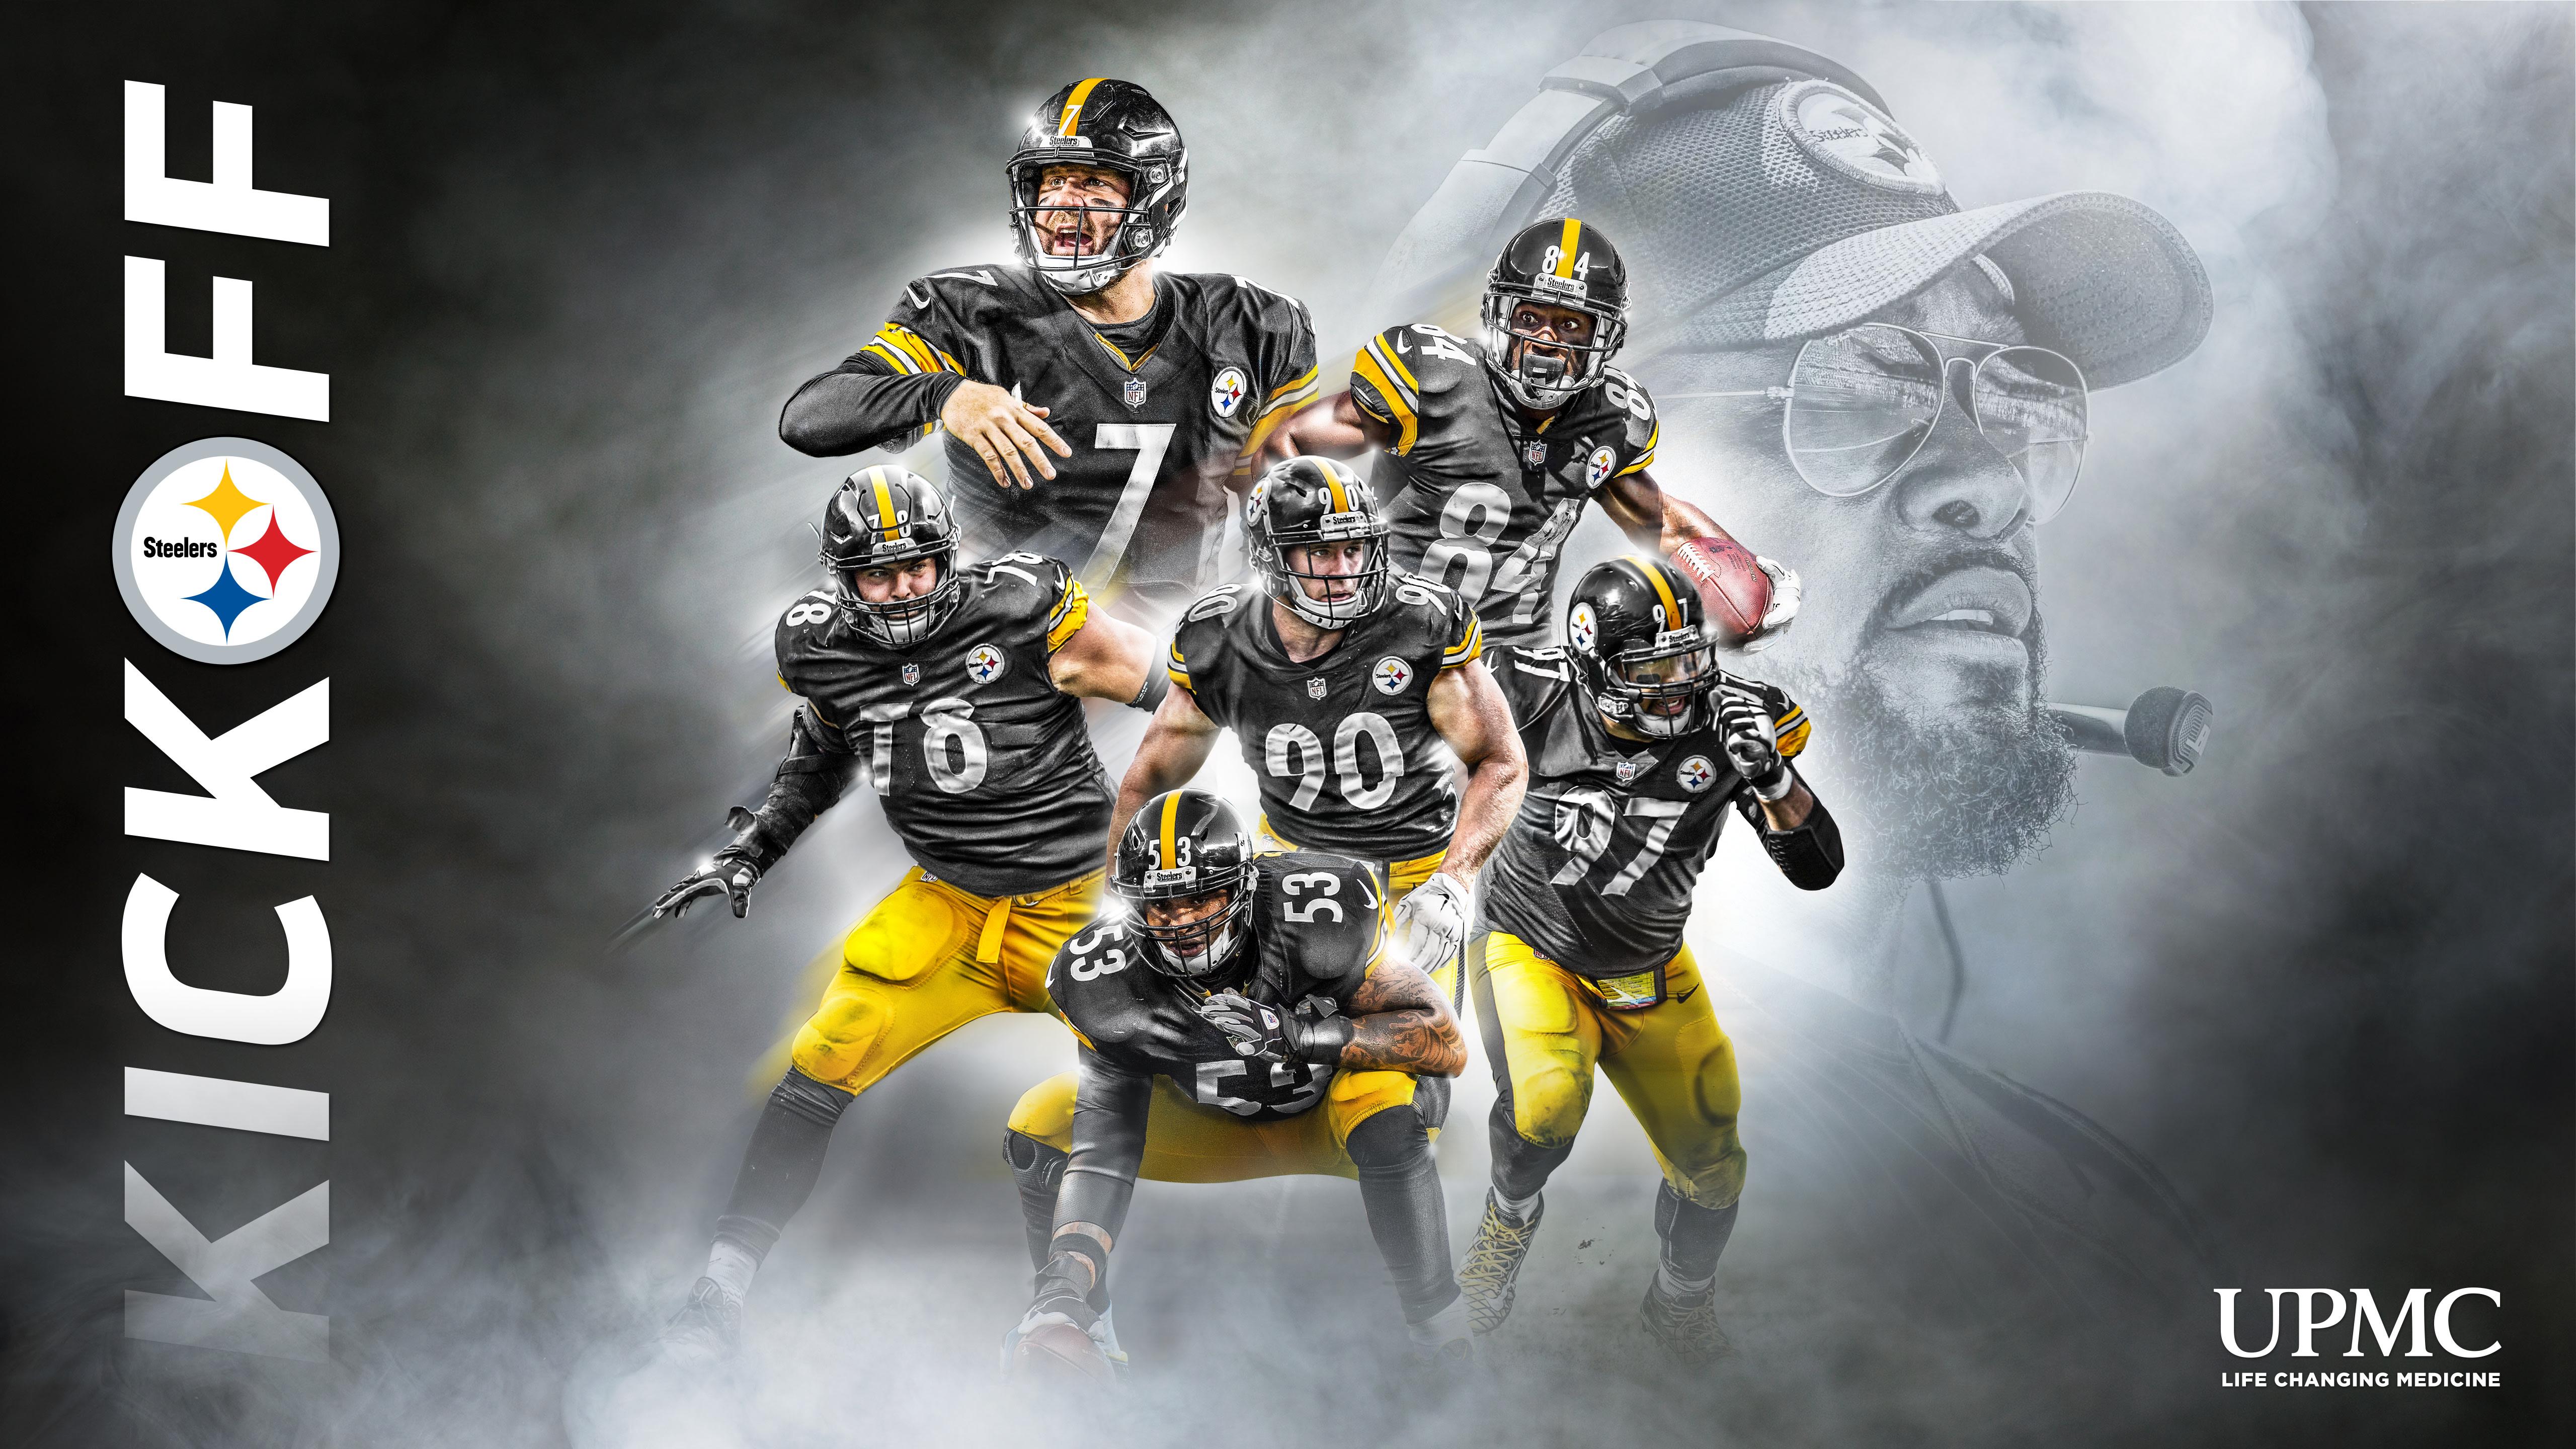 best sneakers 65832 d34aa Steelers Kickoff | Pittsburgh Steelers - Steelers.com